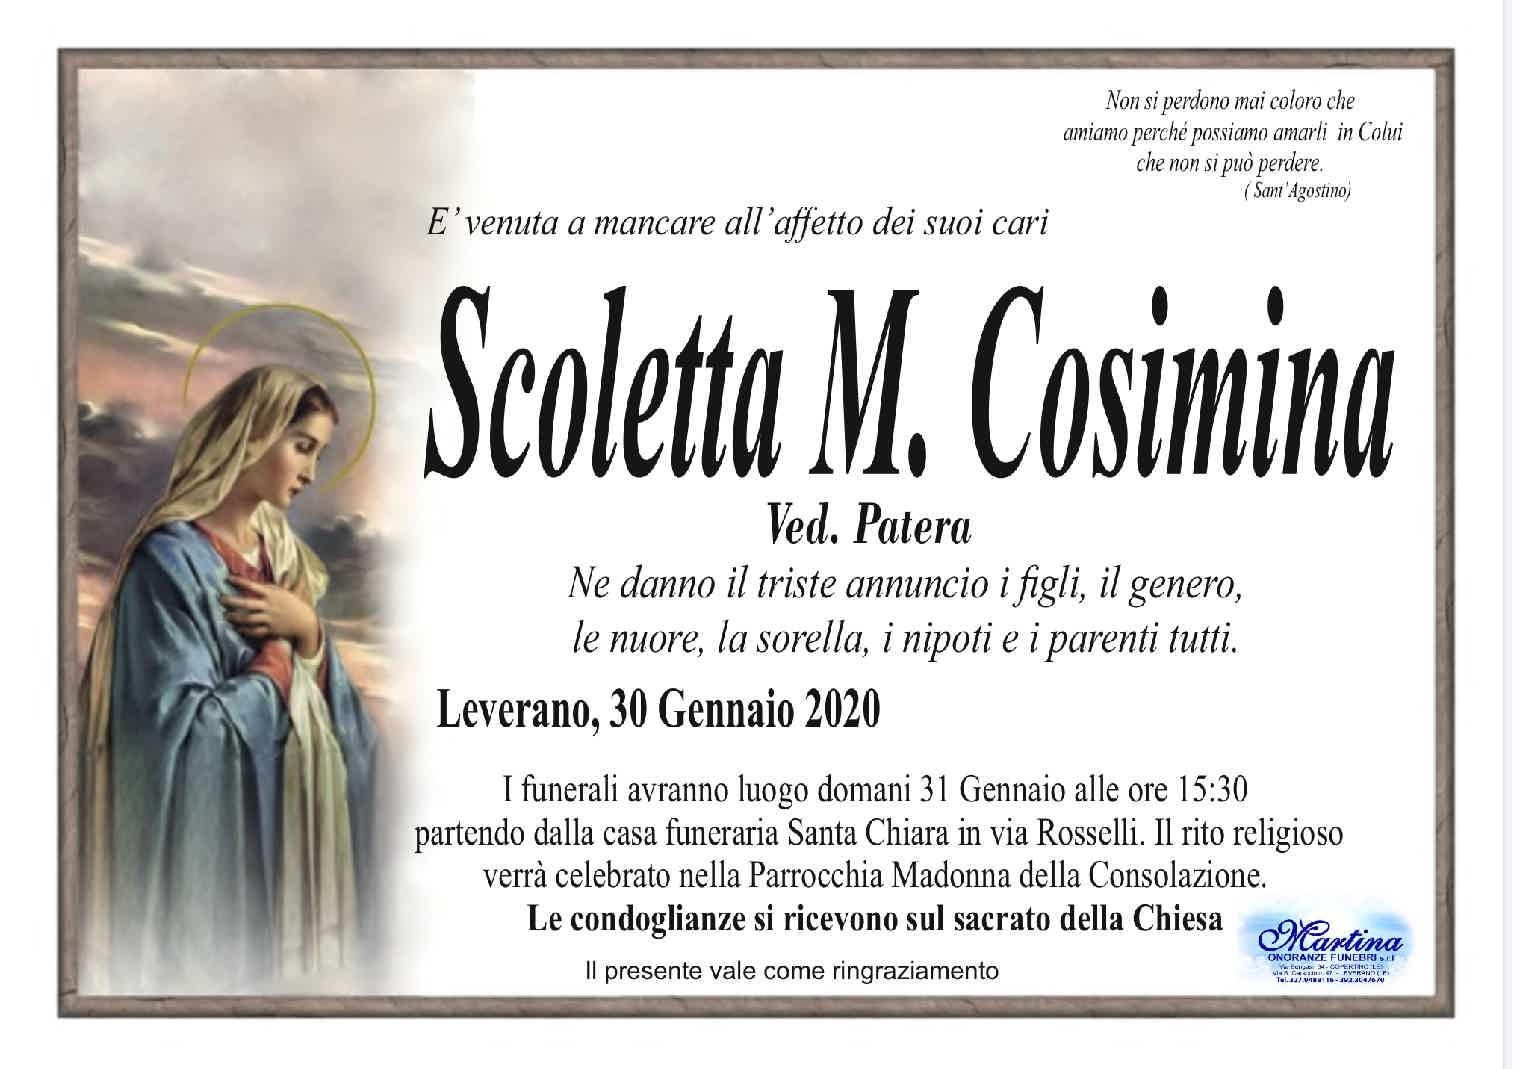 M. Cosimina Scoletta